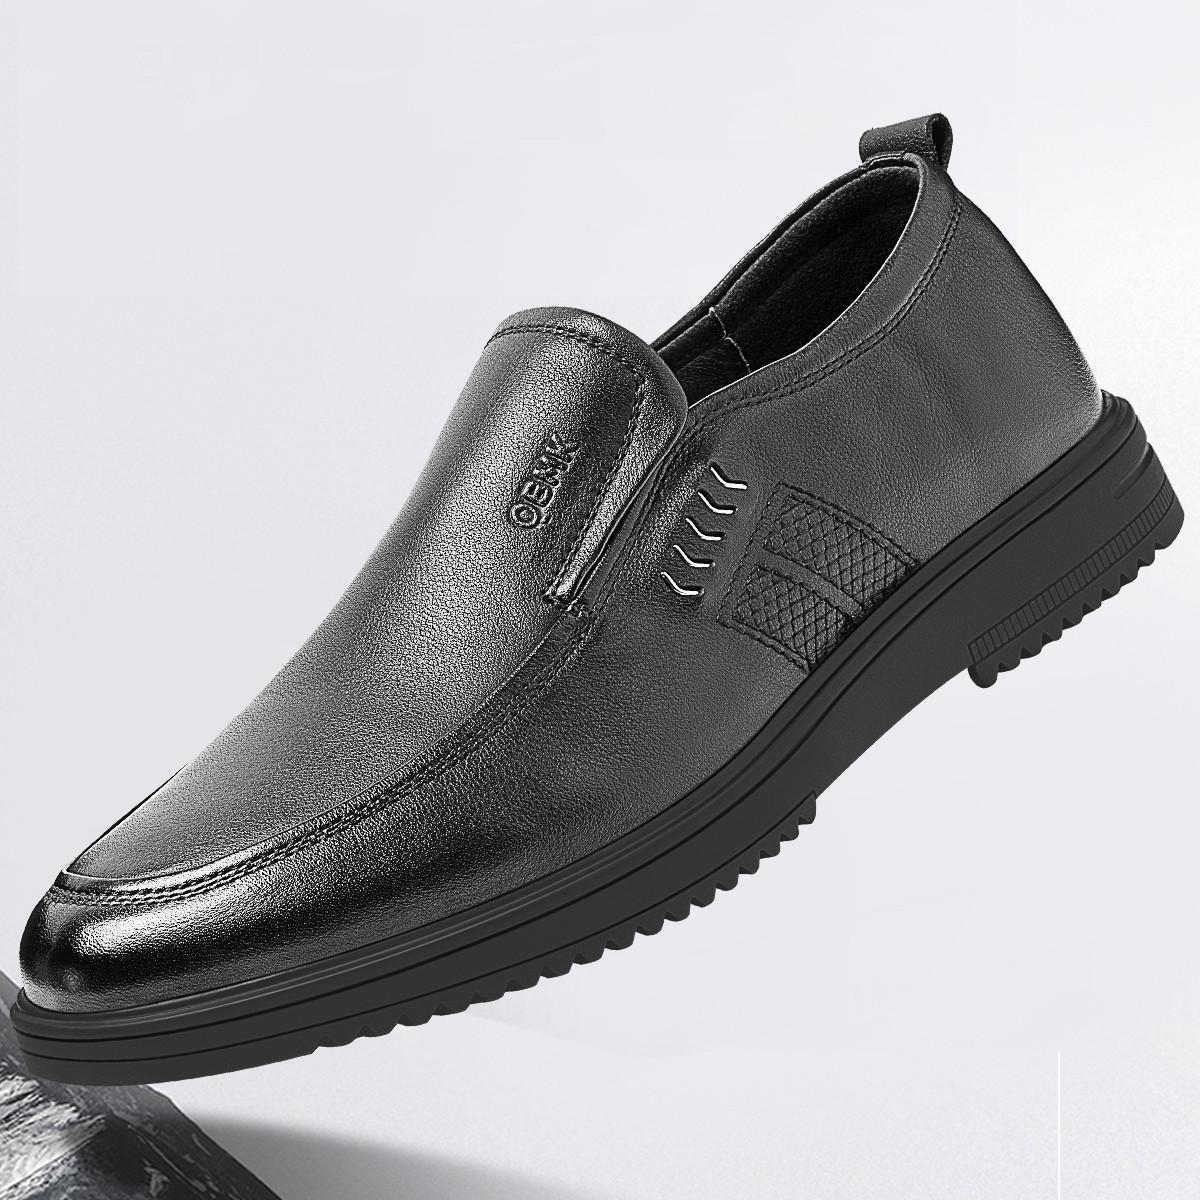 乔比迈凯一脚蹬透气软底英伦风真皮正装休闲爸爸中老年男鞋子男士商务皮鞋DW823510H0